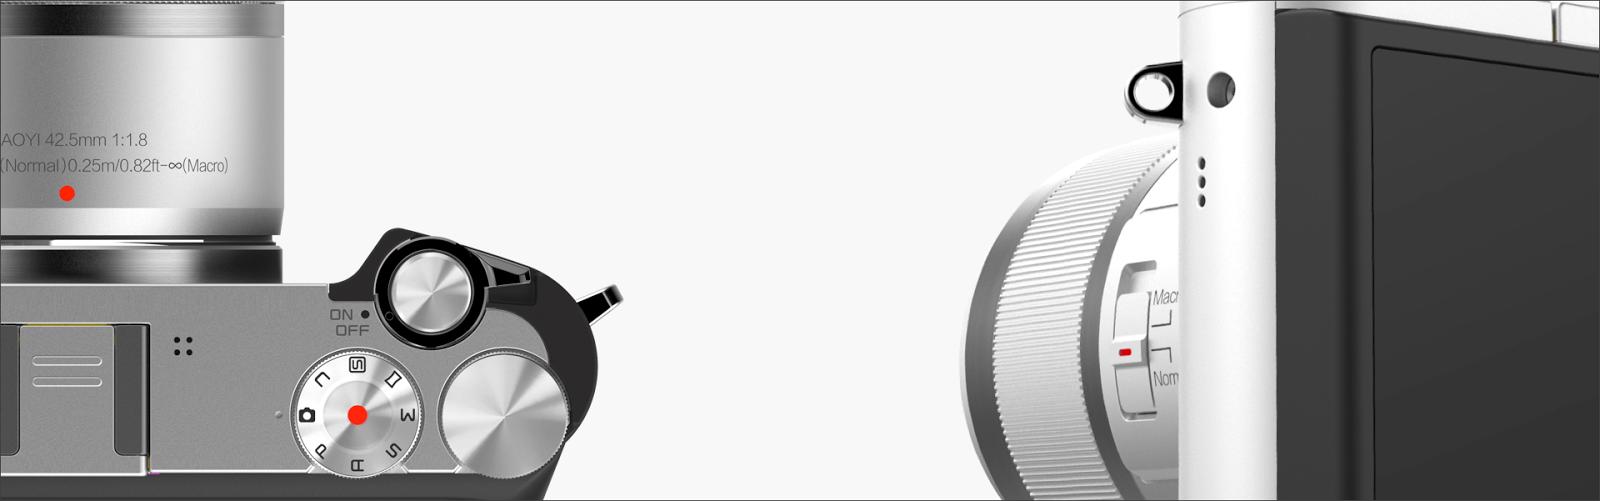 Антикризисная Leica - 10